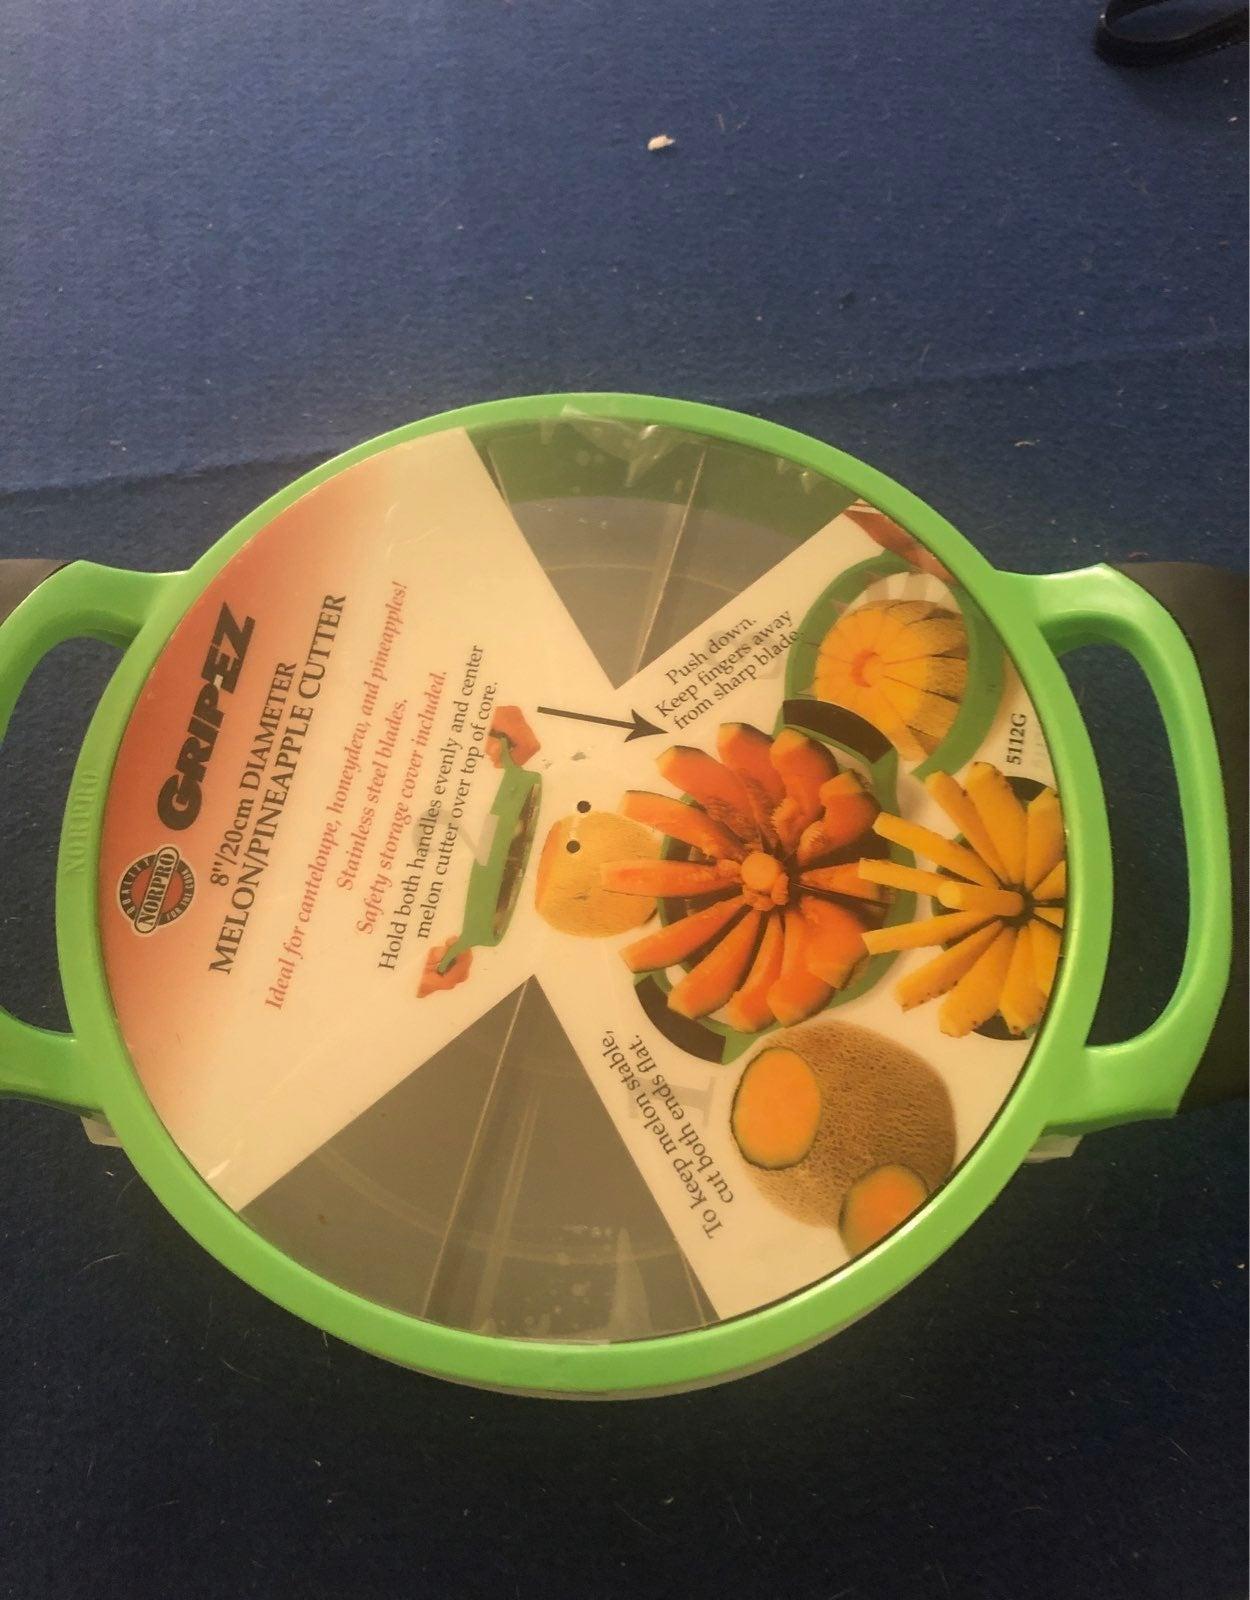 Melon/pineapple cutter GripEZ